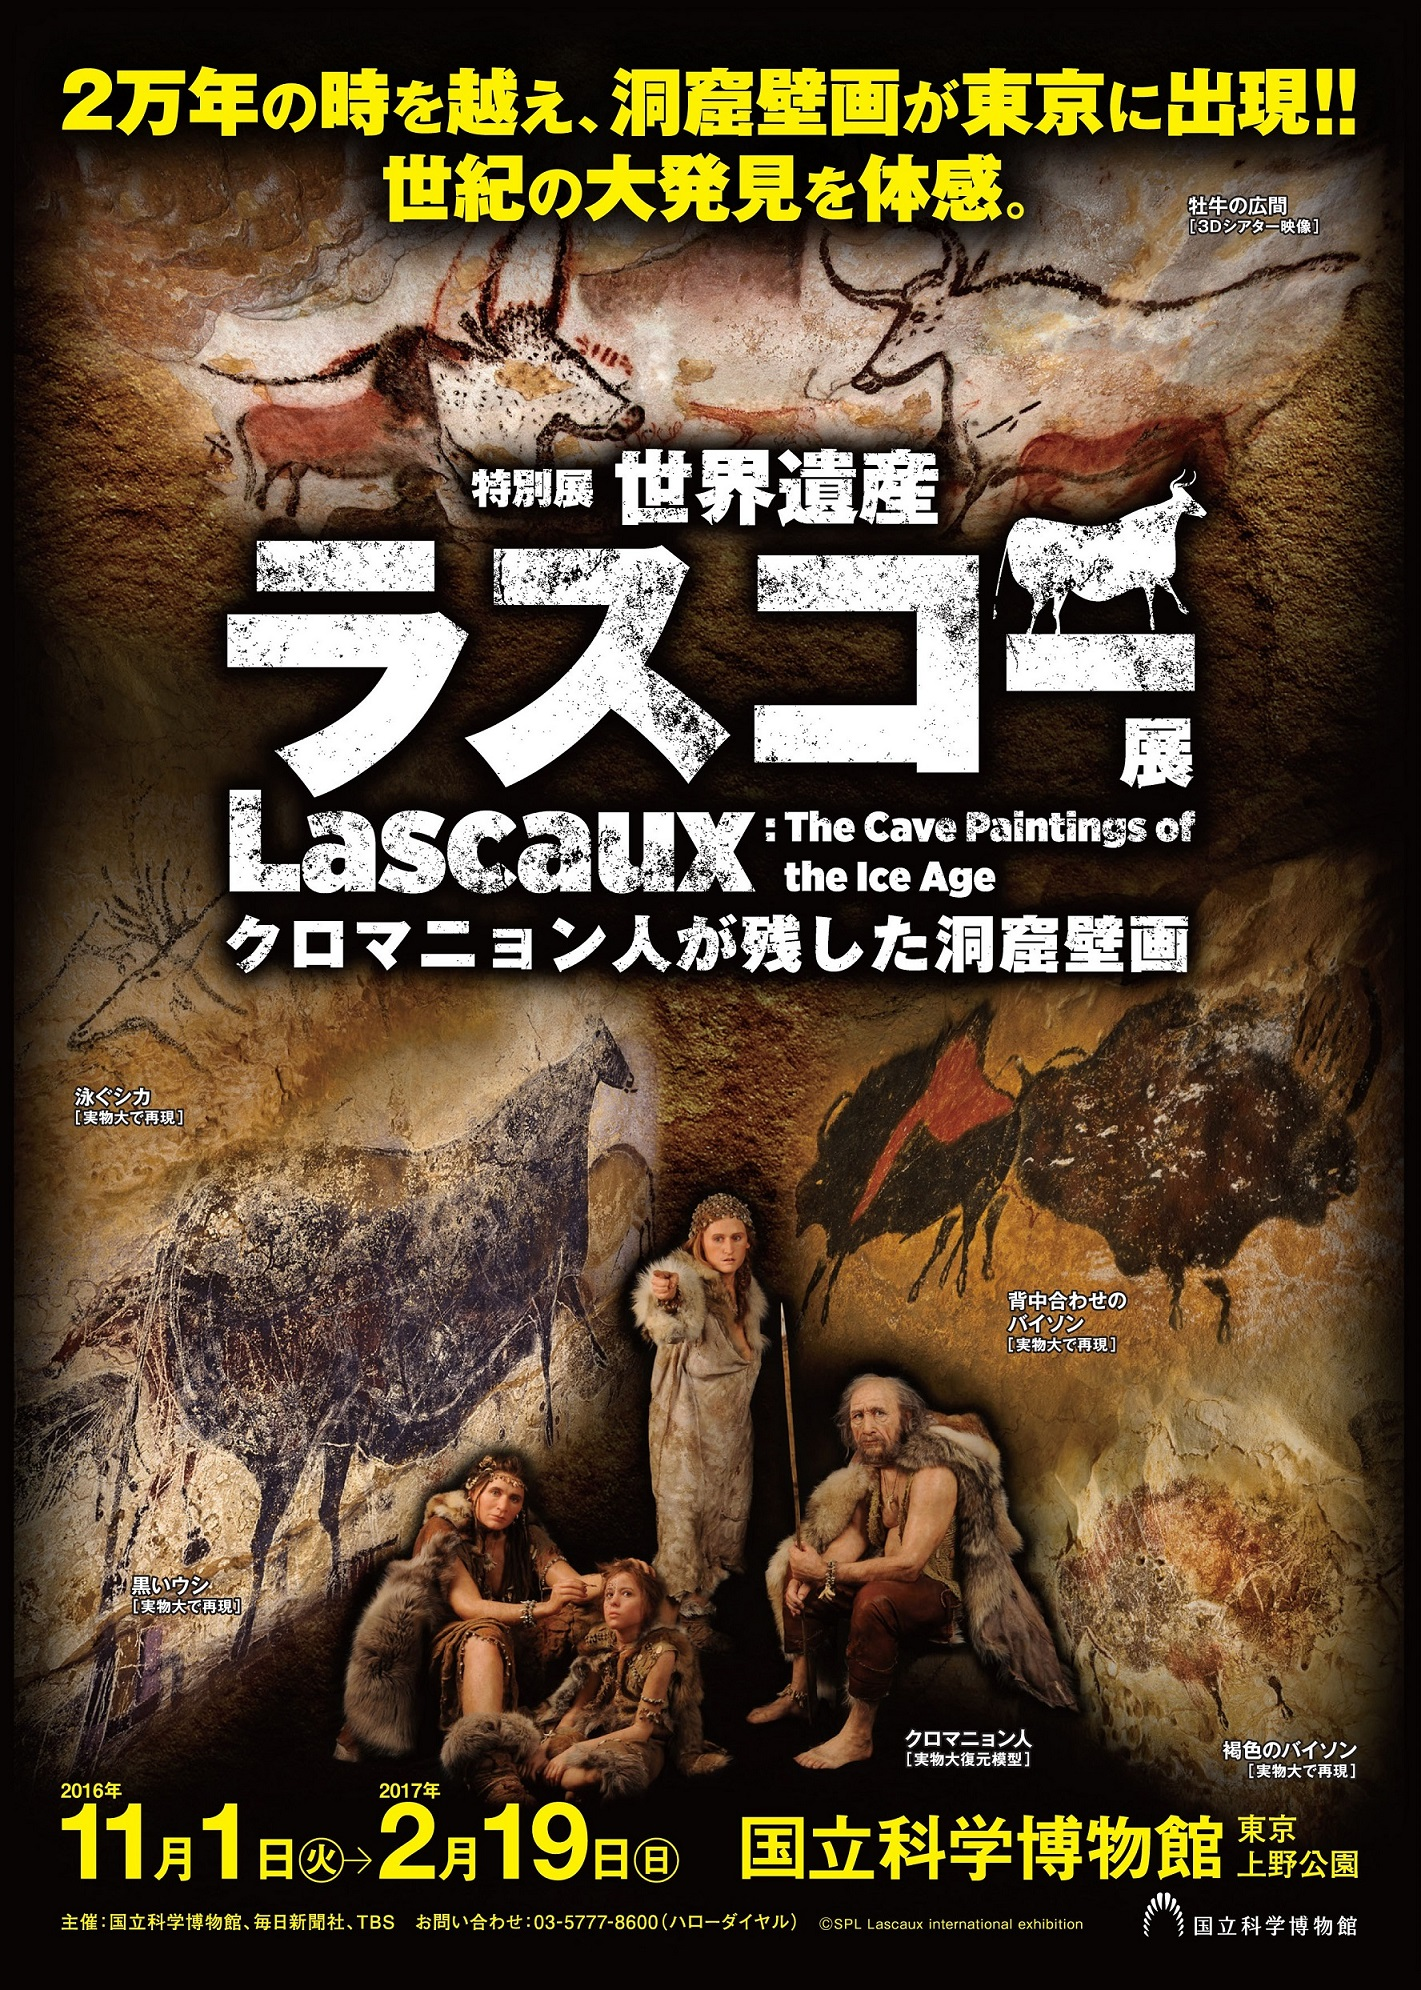 ラスコー洞窟の特別展「ラスコー展」が日本巡回!